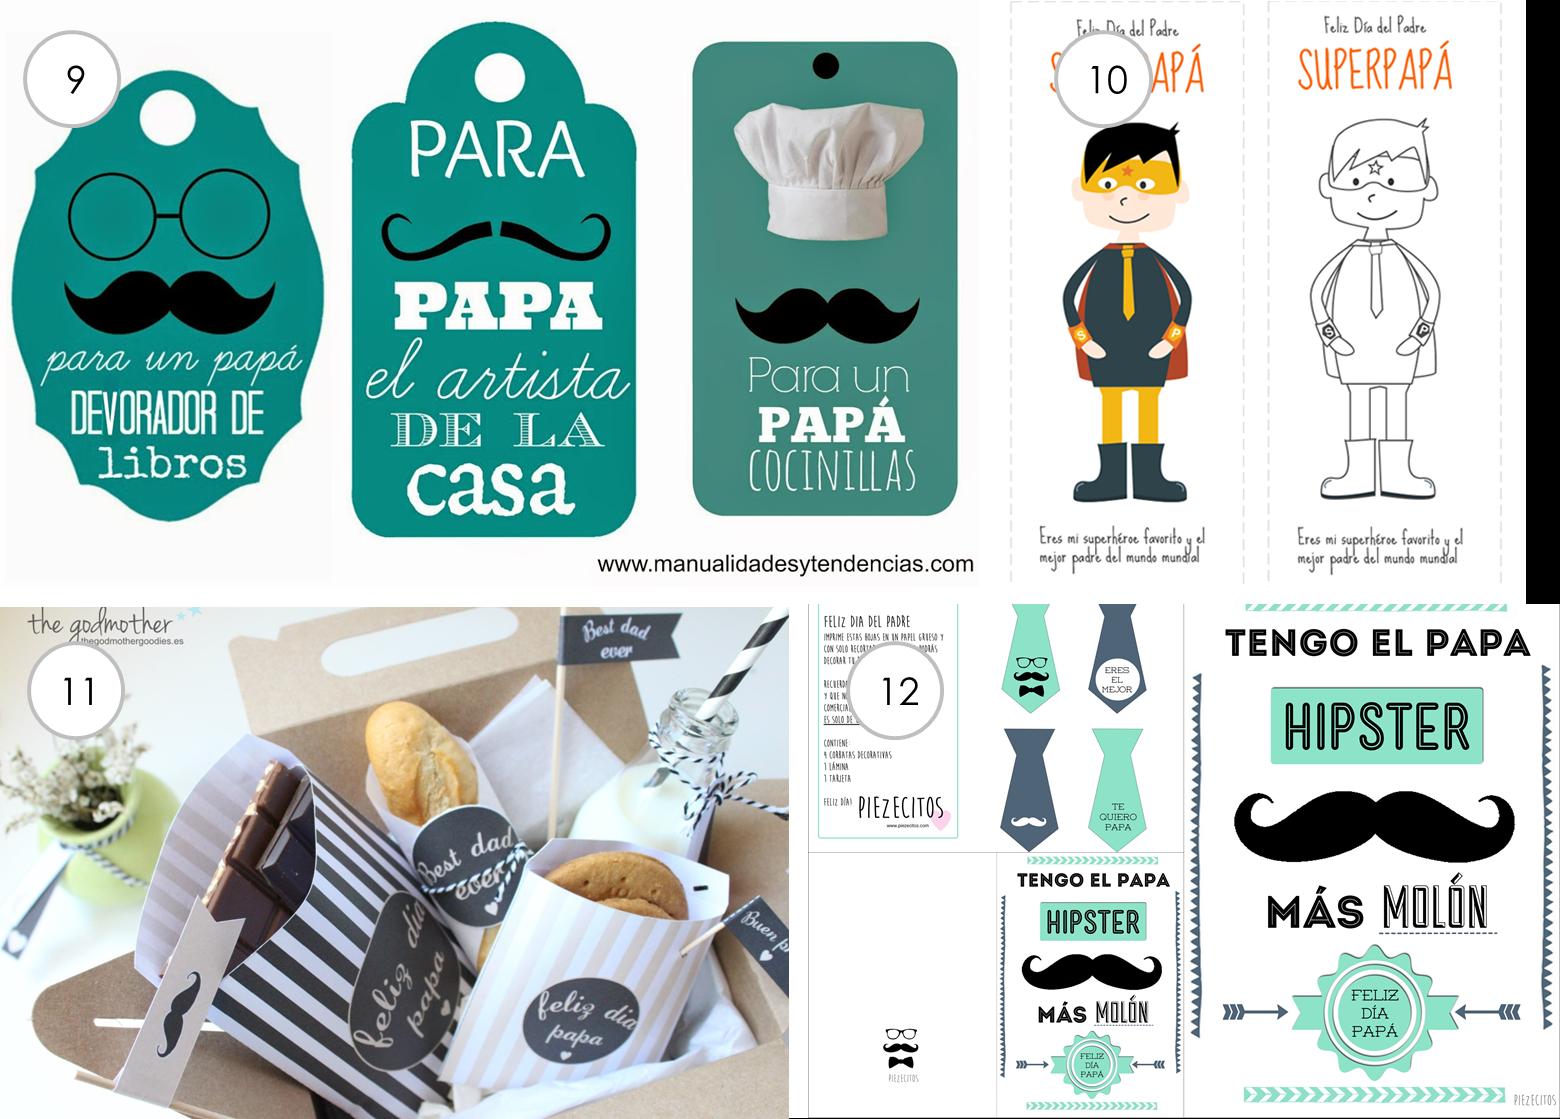 Encantador Imagenes Para Colorear Para El Dia Del Padre